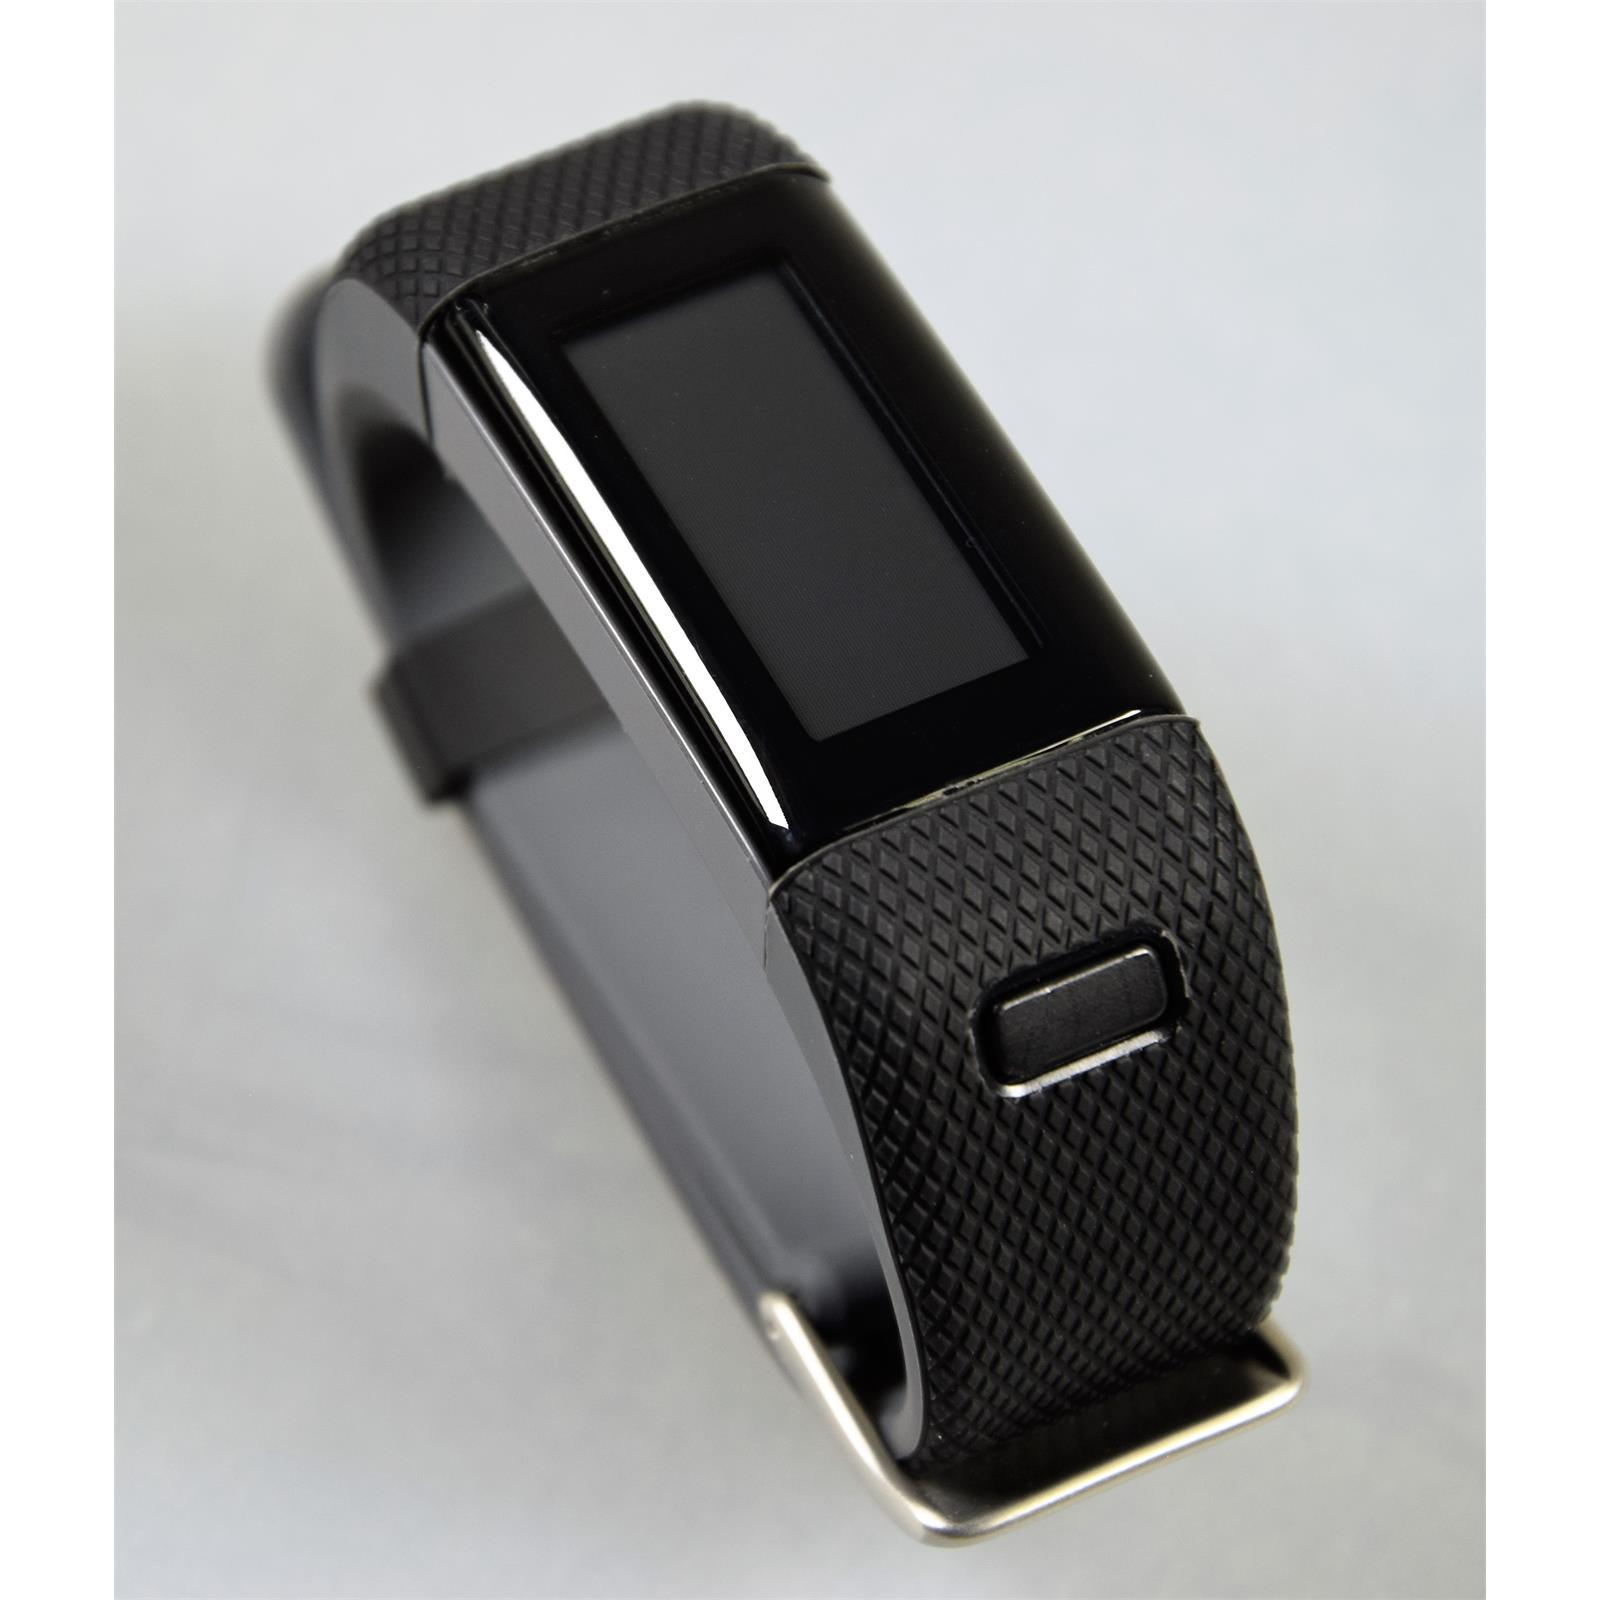 garmin v vosmart hr schwarz gr m fitness armband aktivit ts tracker sport uhr ebay. Black Bedroom Furniture Sets. Home Design Ideas